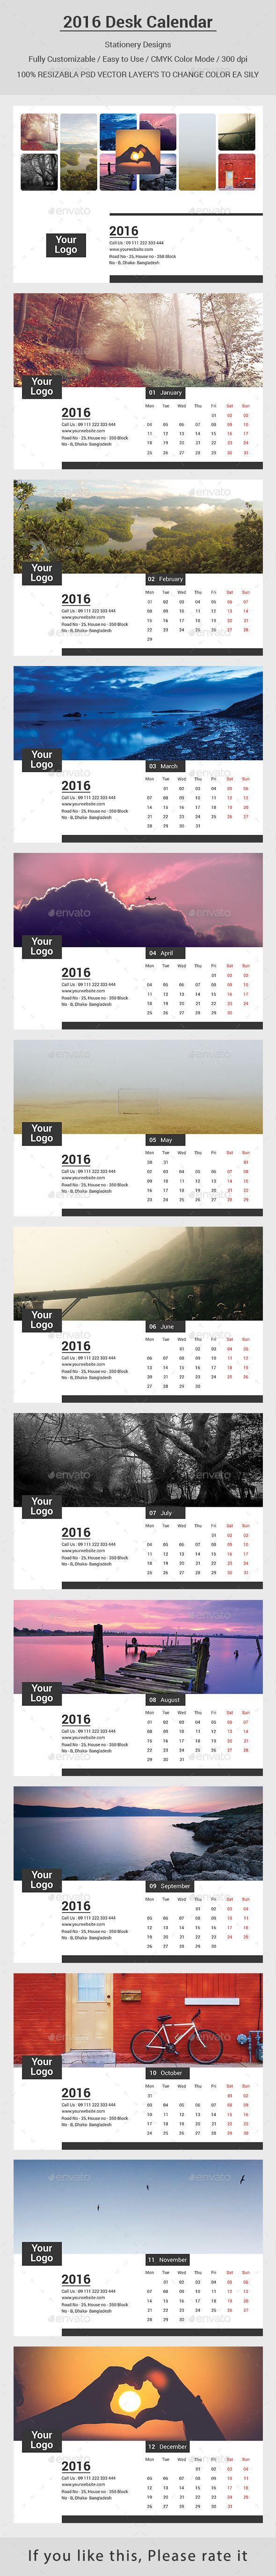 2016 Desk Calendar Design   Diseño de calendario, Diseño de ...